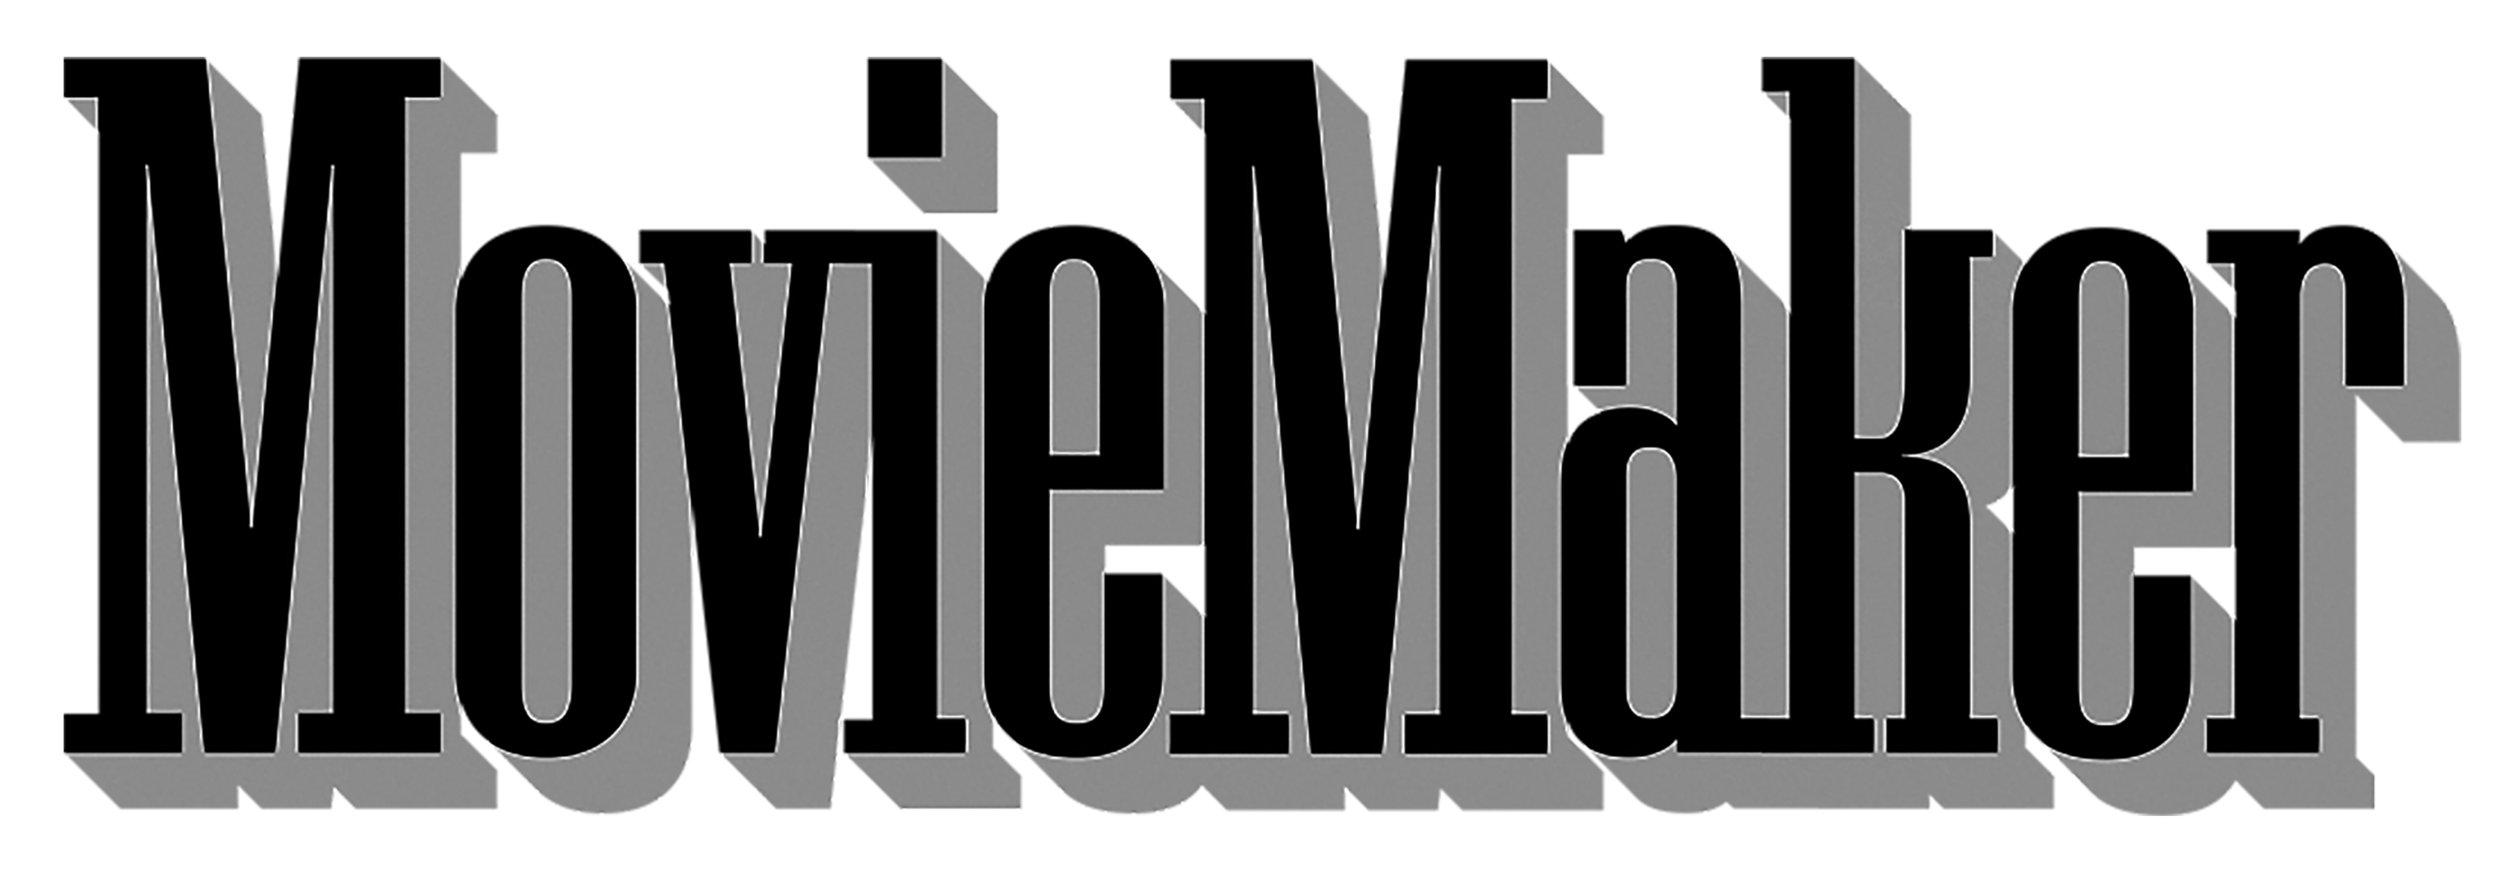 moviemaker logo!.jpg